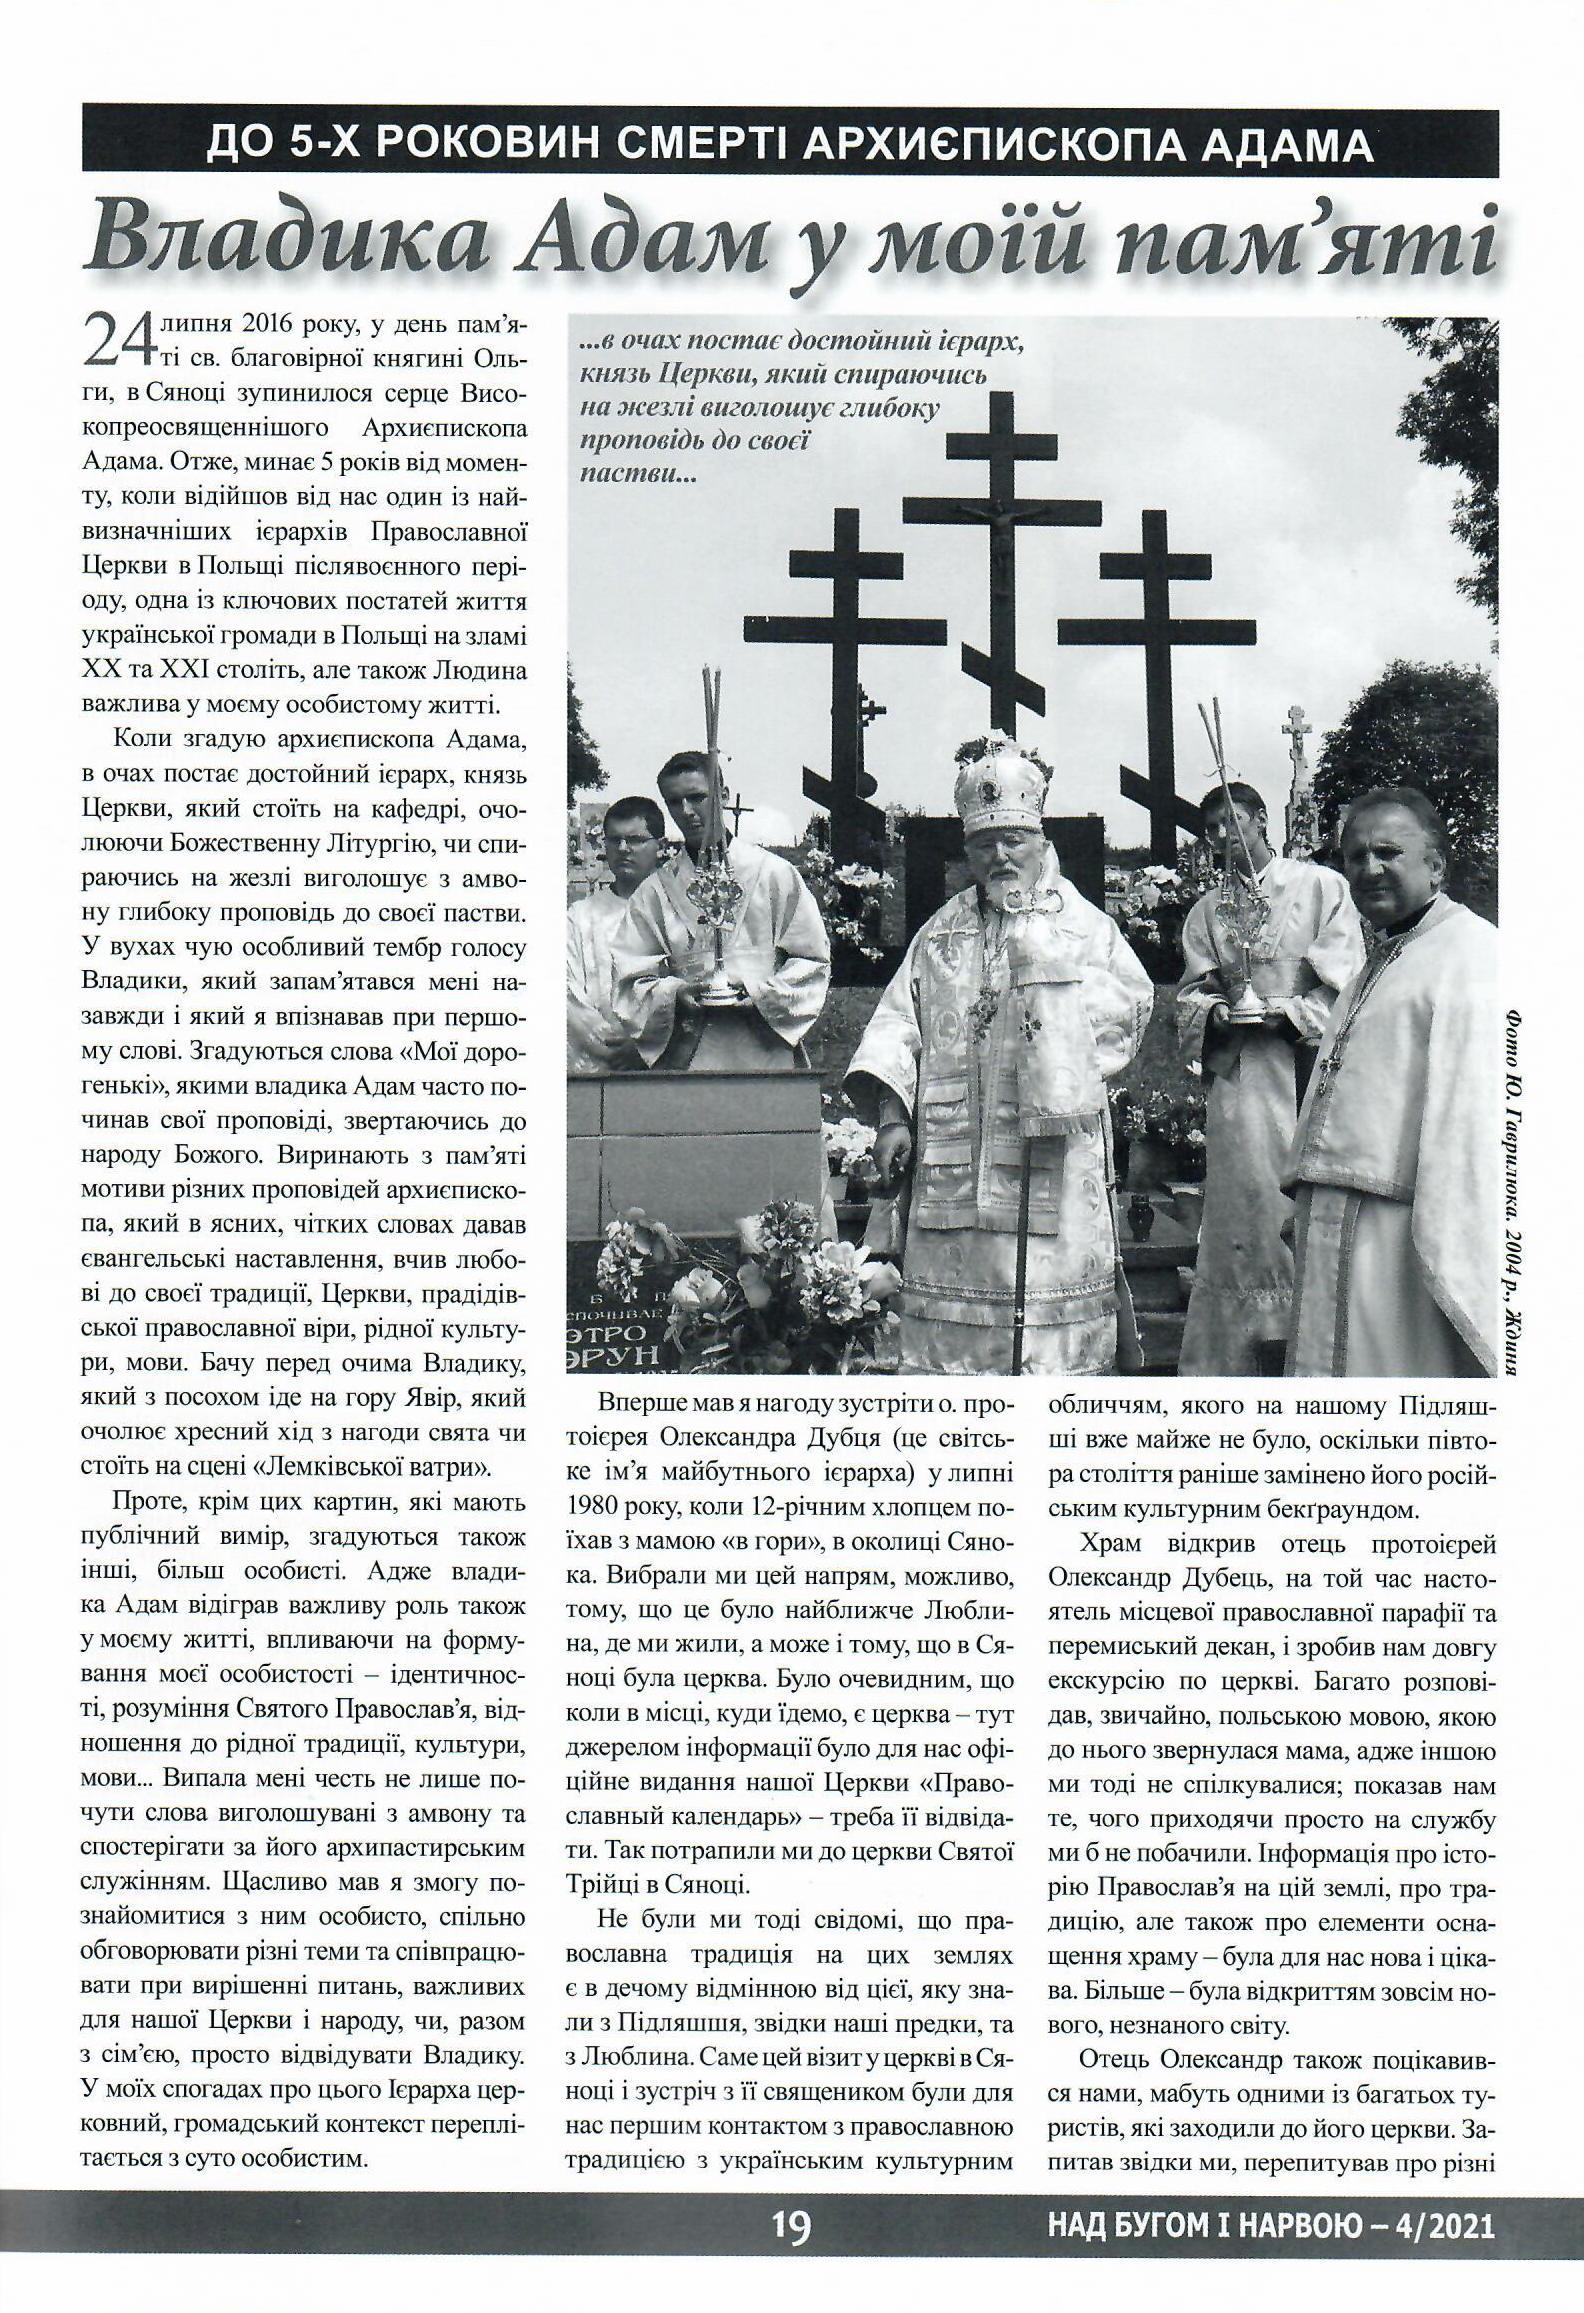 Стаття-спогад про архиєпископа Адама в «Над Бугом і Нарвою»